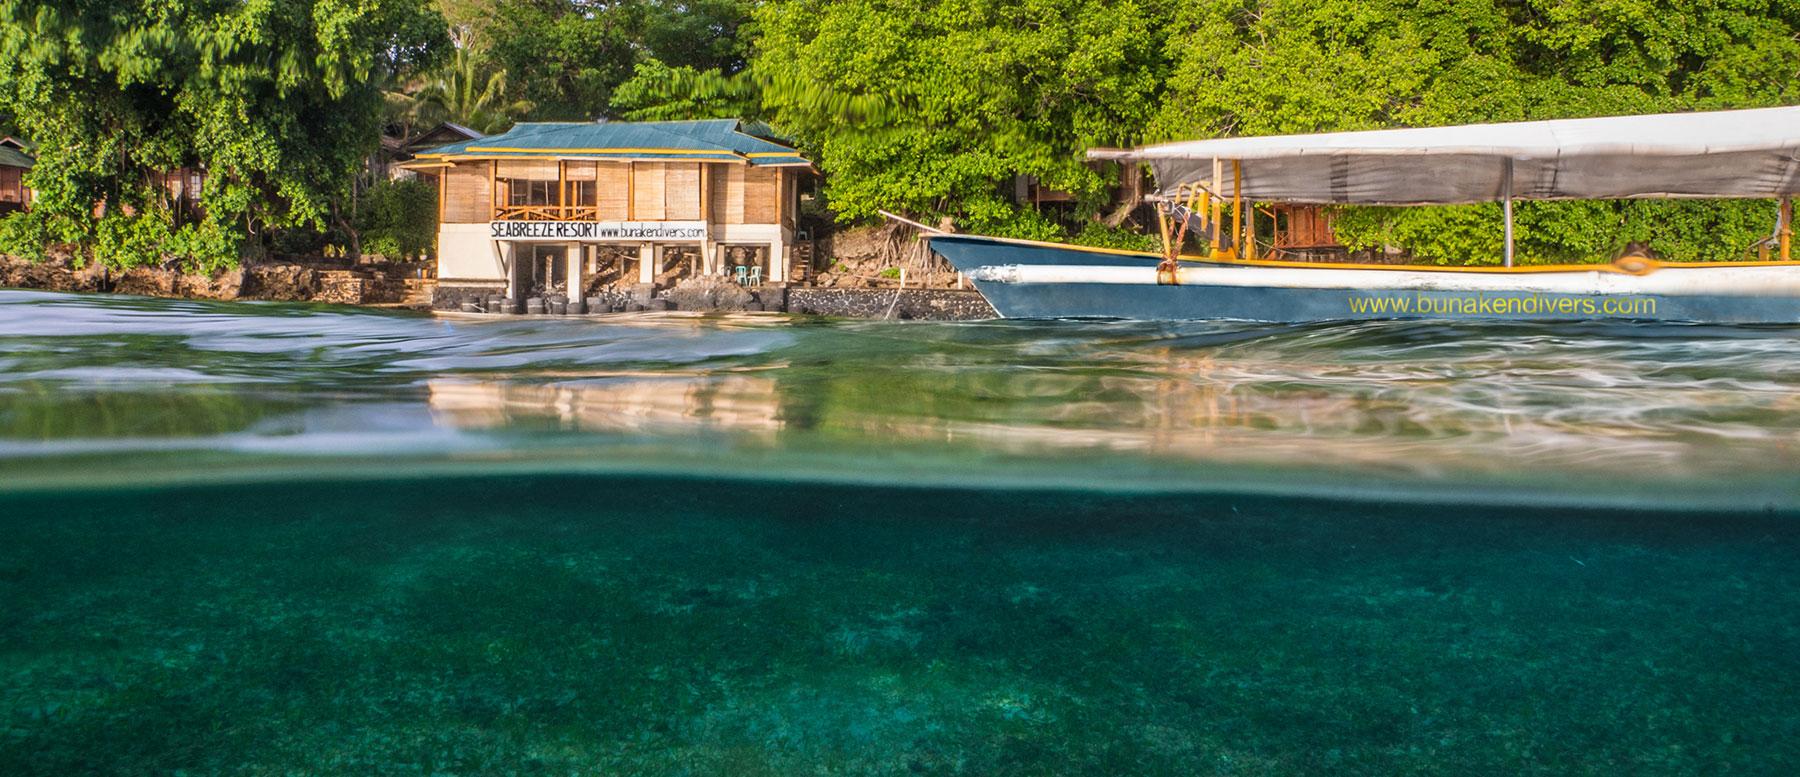 Indonesia, Manado, Bunaken Island, Seabreeze Resort, Restaurant with Boat